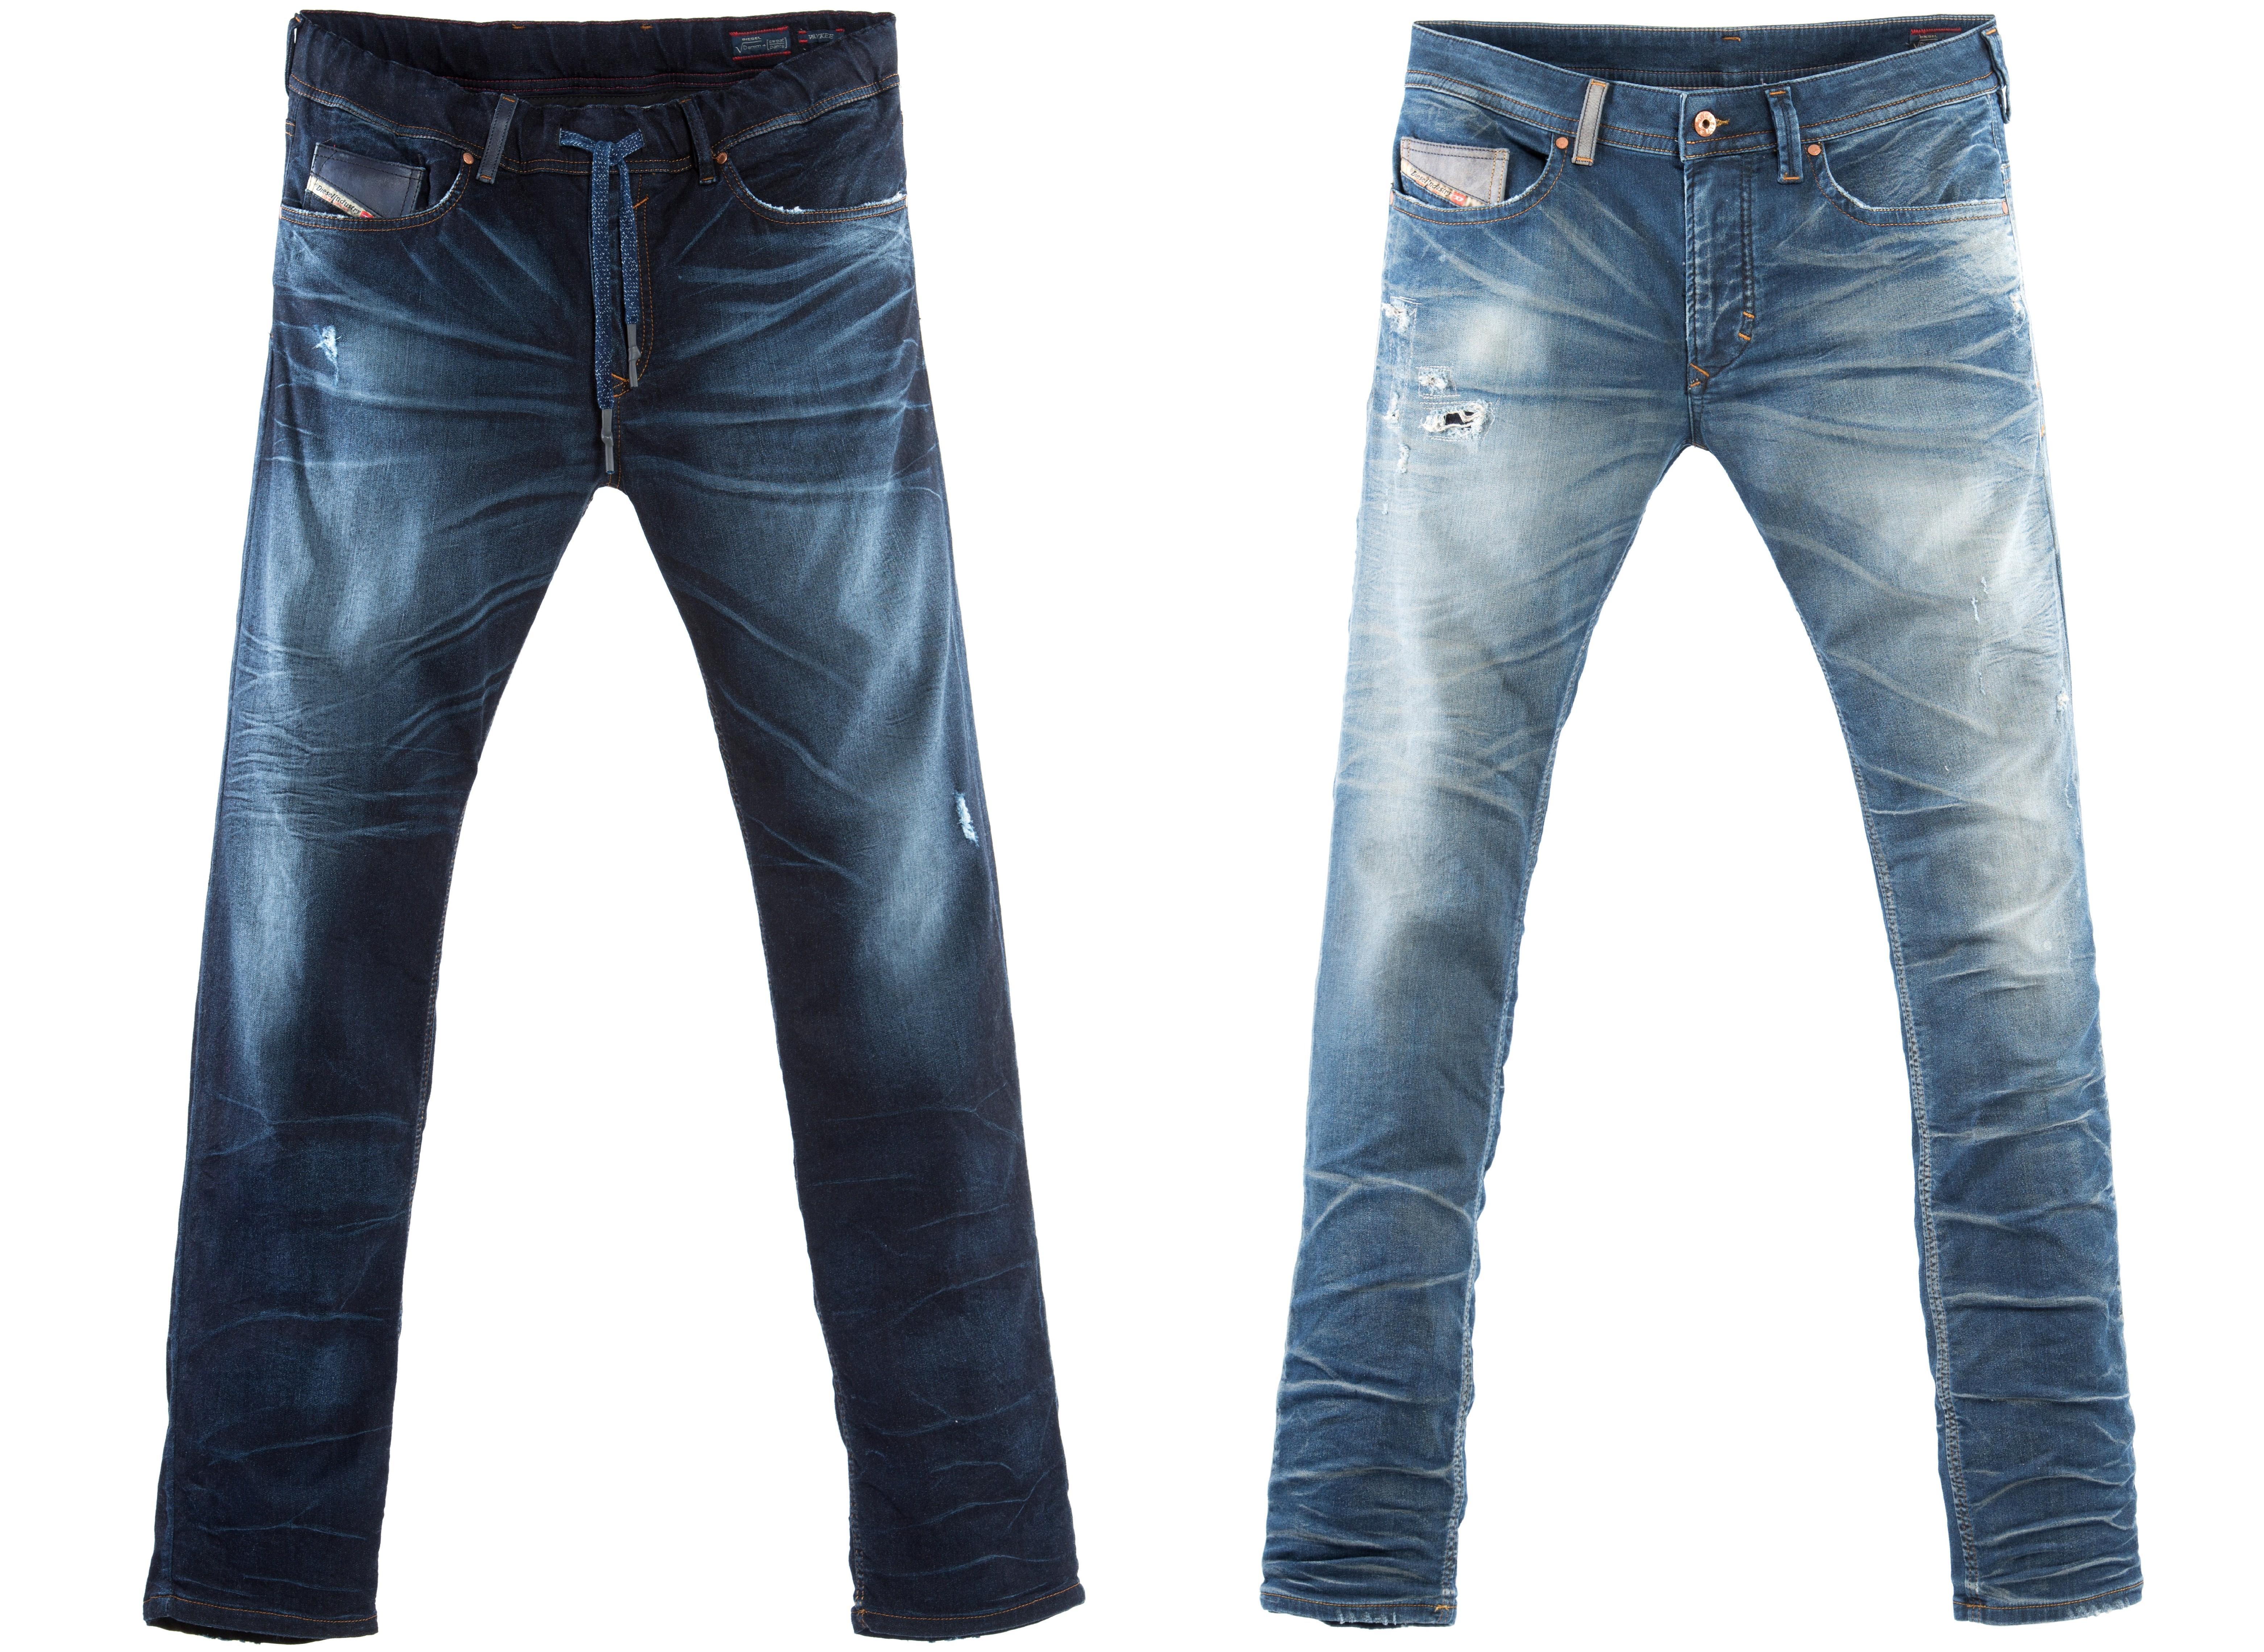 waykee 0604P jogg jeans 2